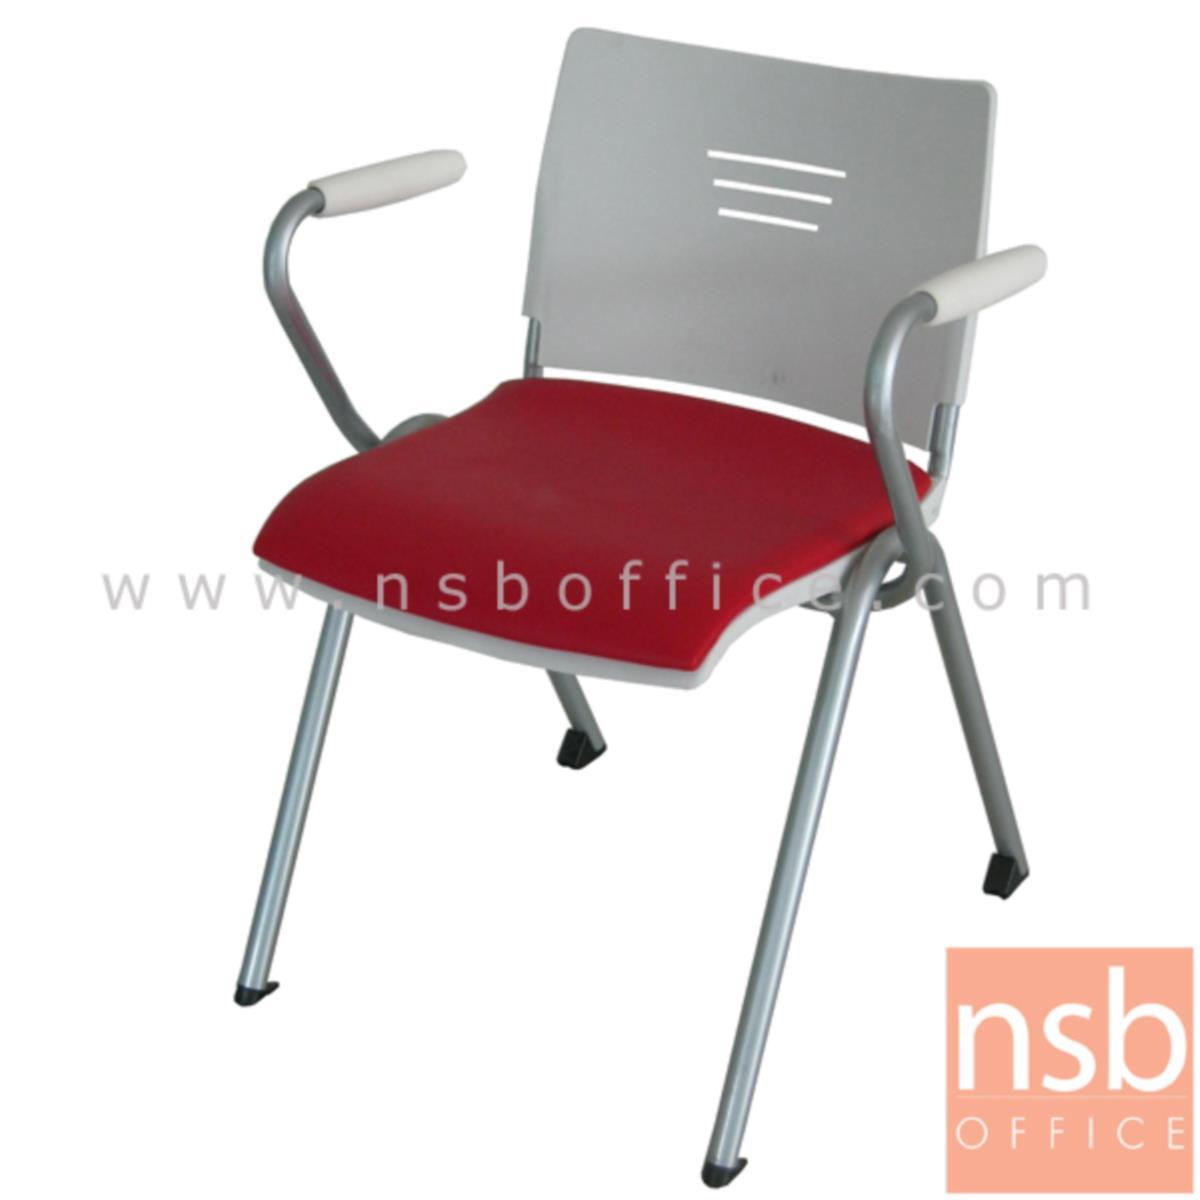 เก้าอี้อเนกประสงค์เฟรมโพลี่ รุ่น Merlock (เมอร์ล็อก)  ขาเหล็กพ่นสี epoxy